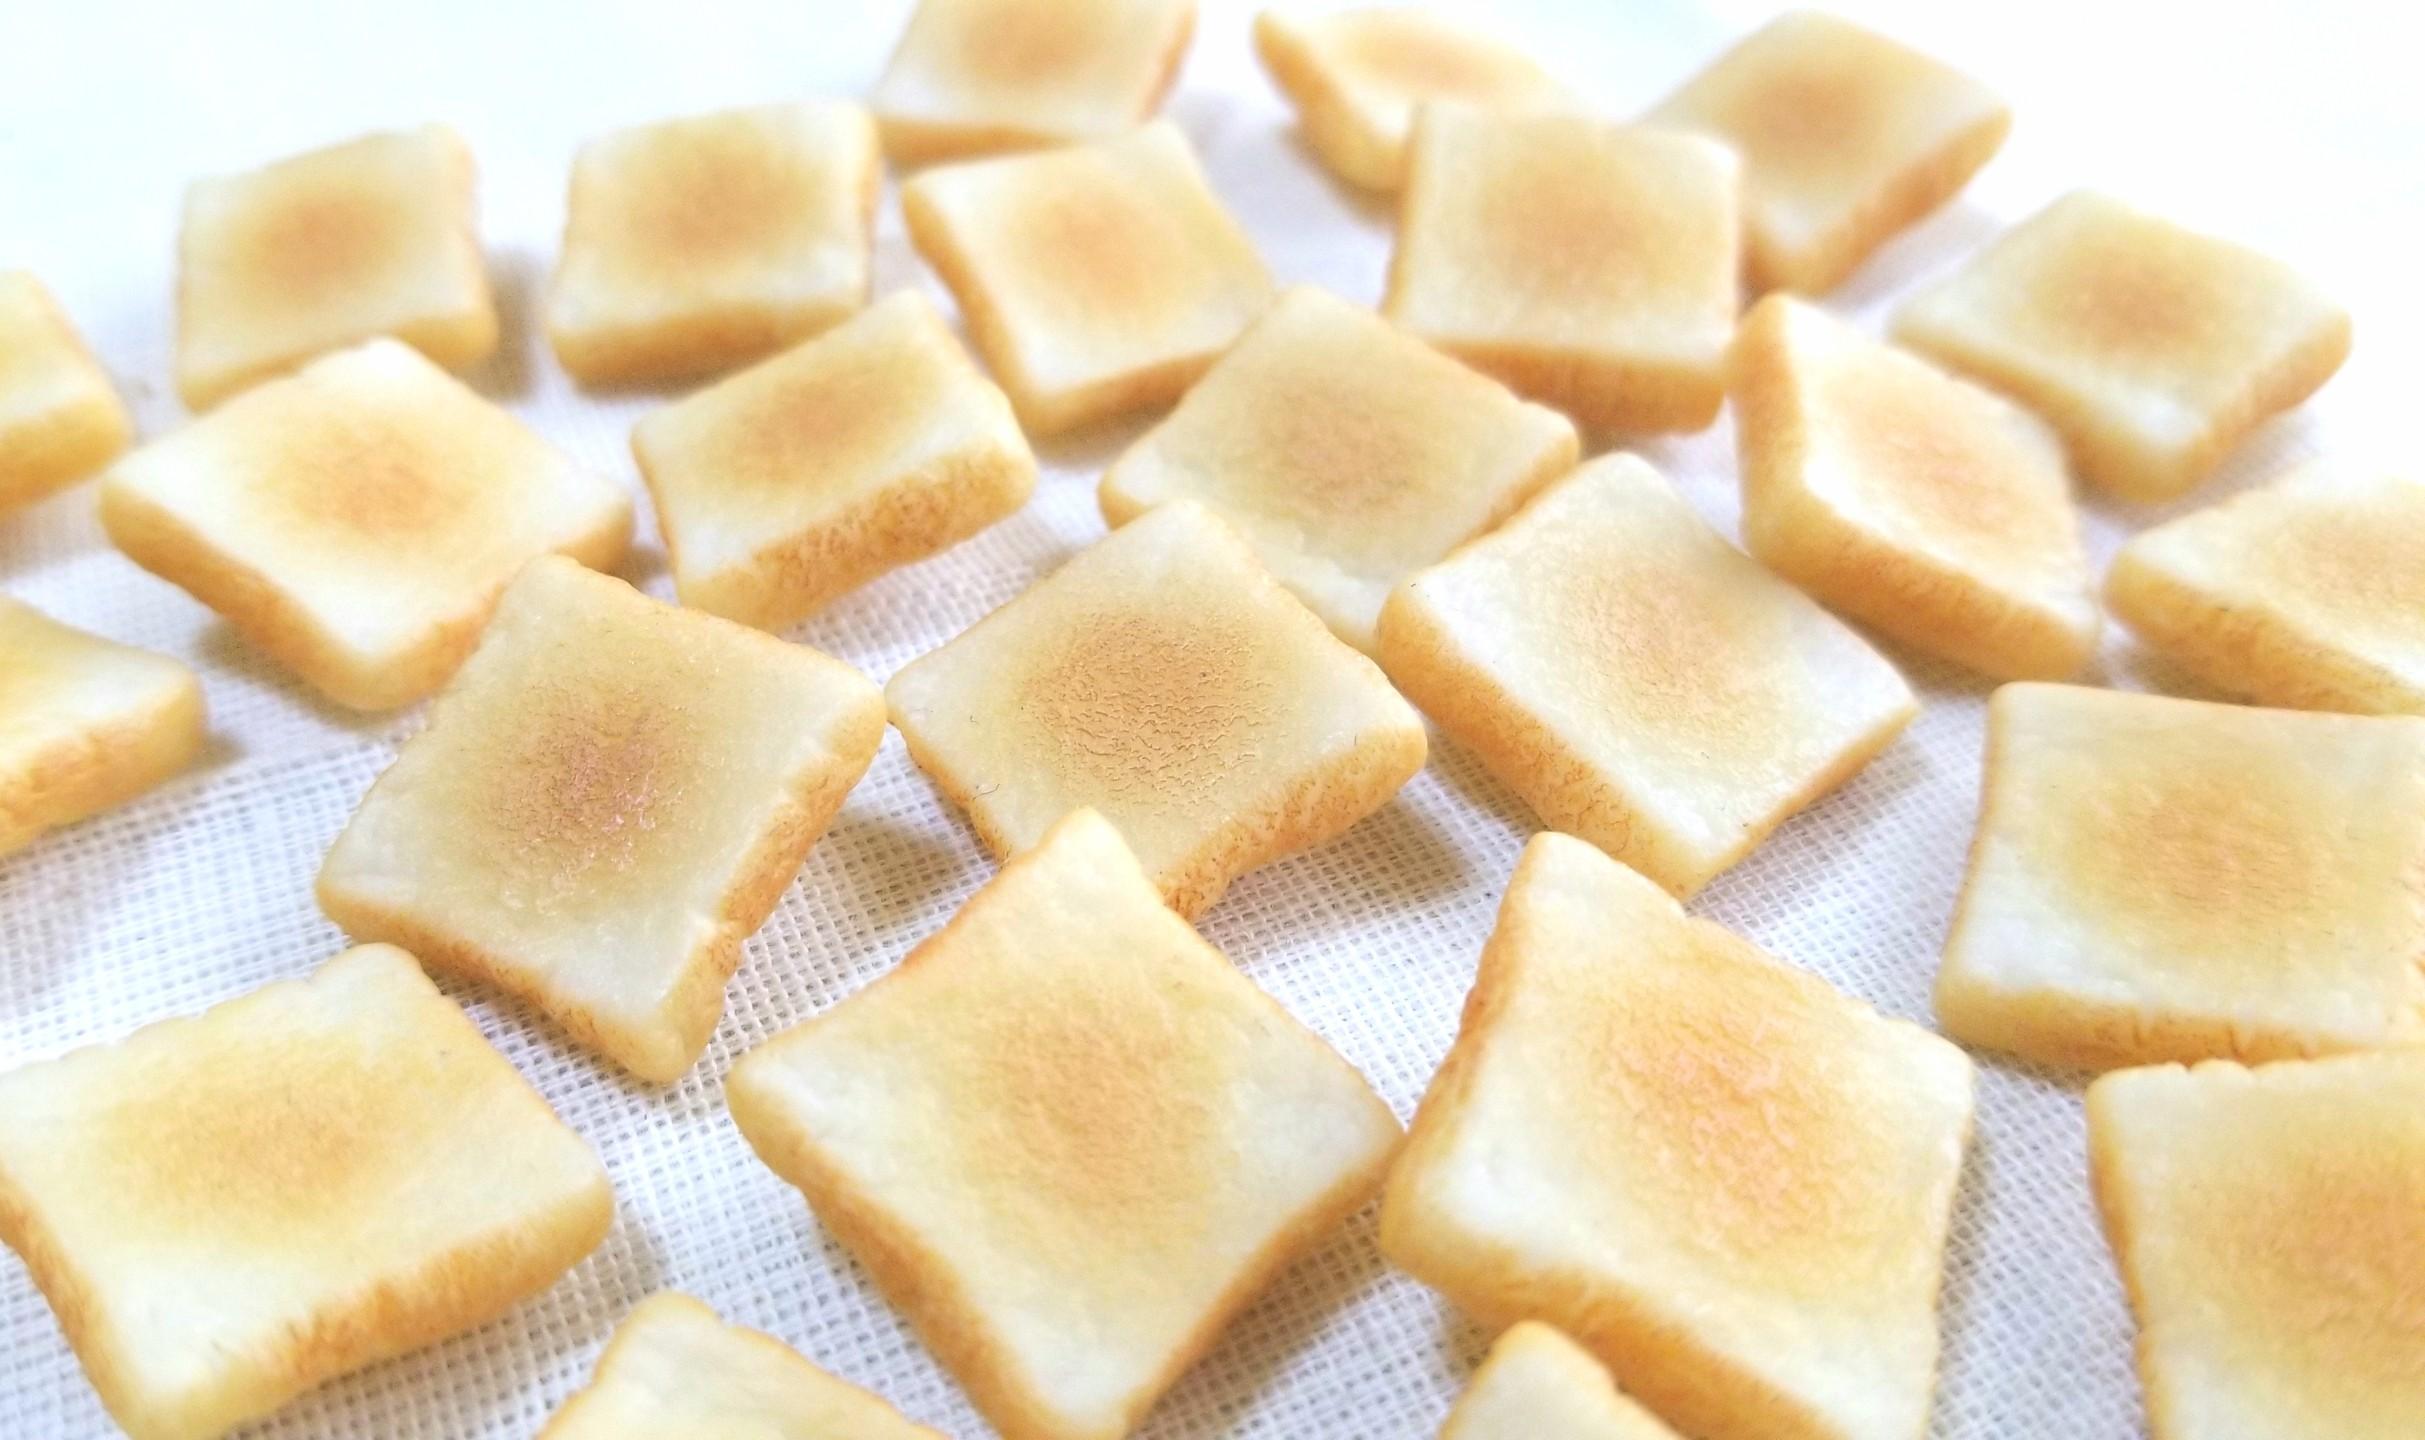 バタートースト,ミニチュアフード,食パン,樹脂粘土,食品サンプル